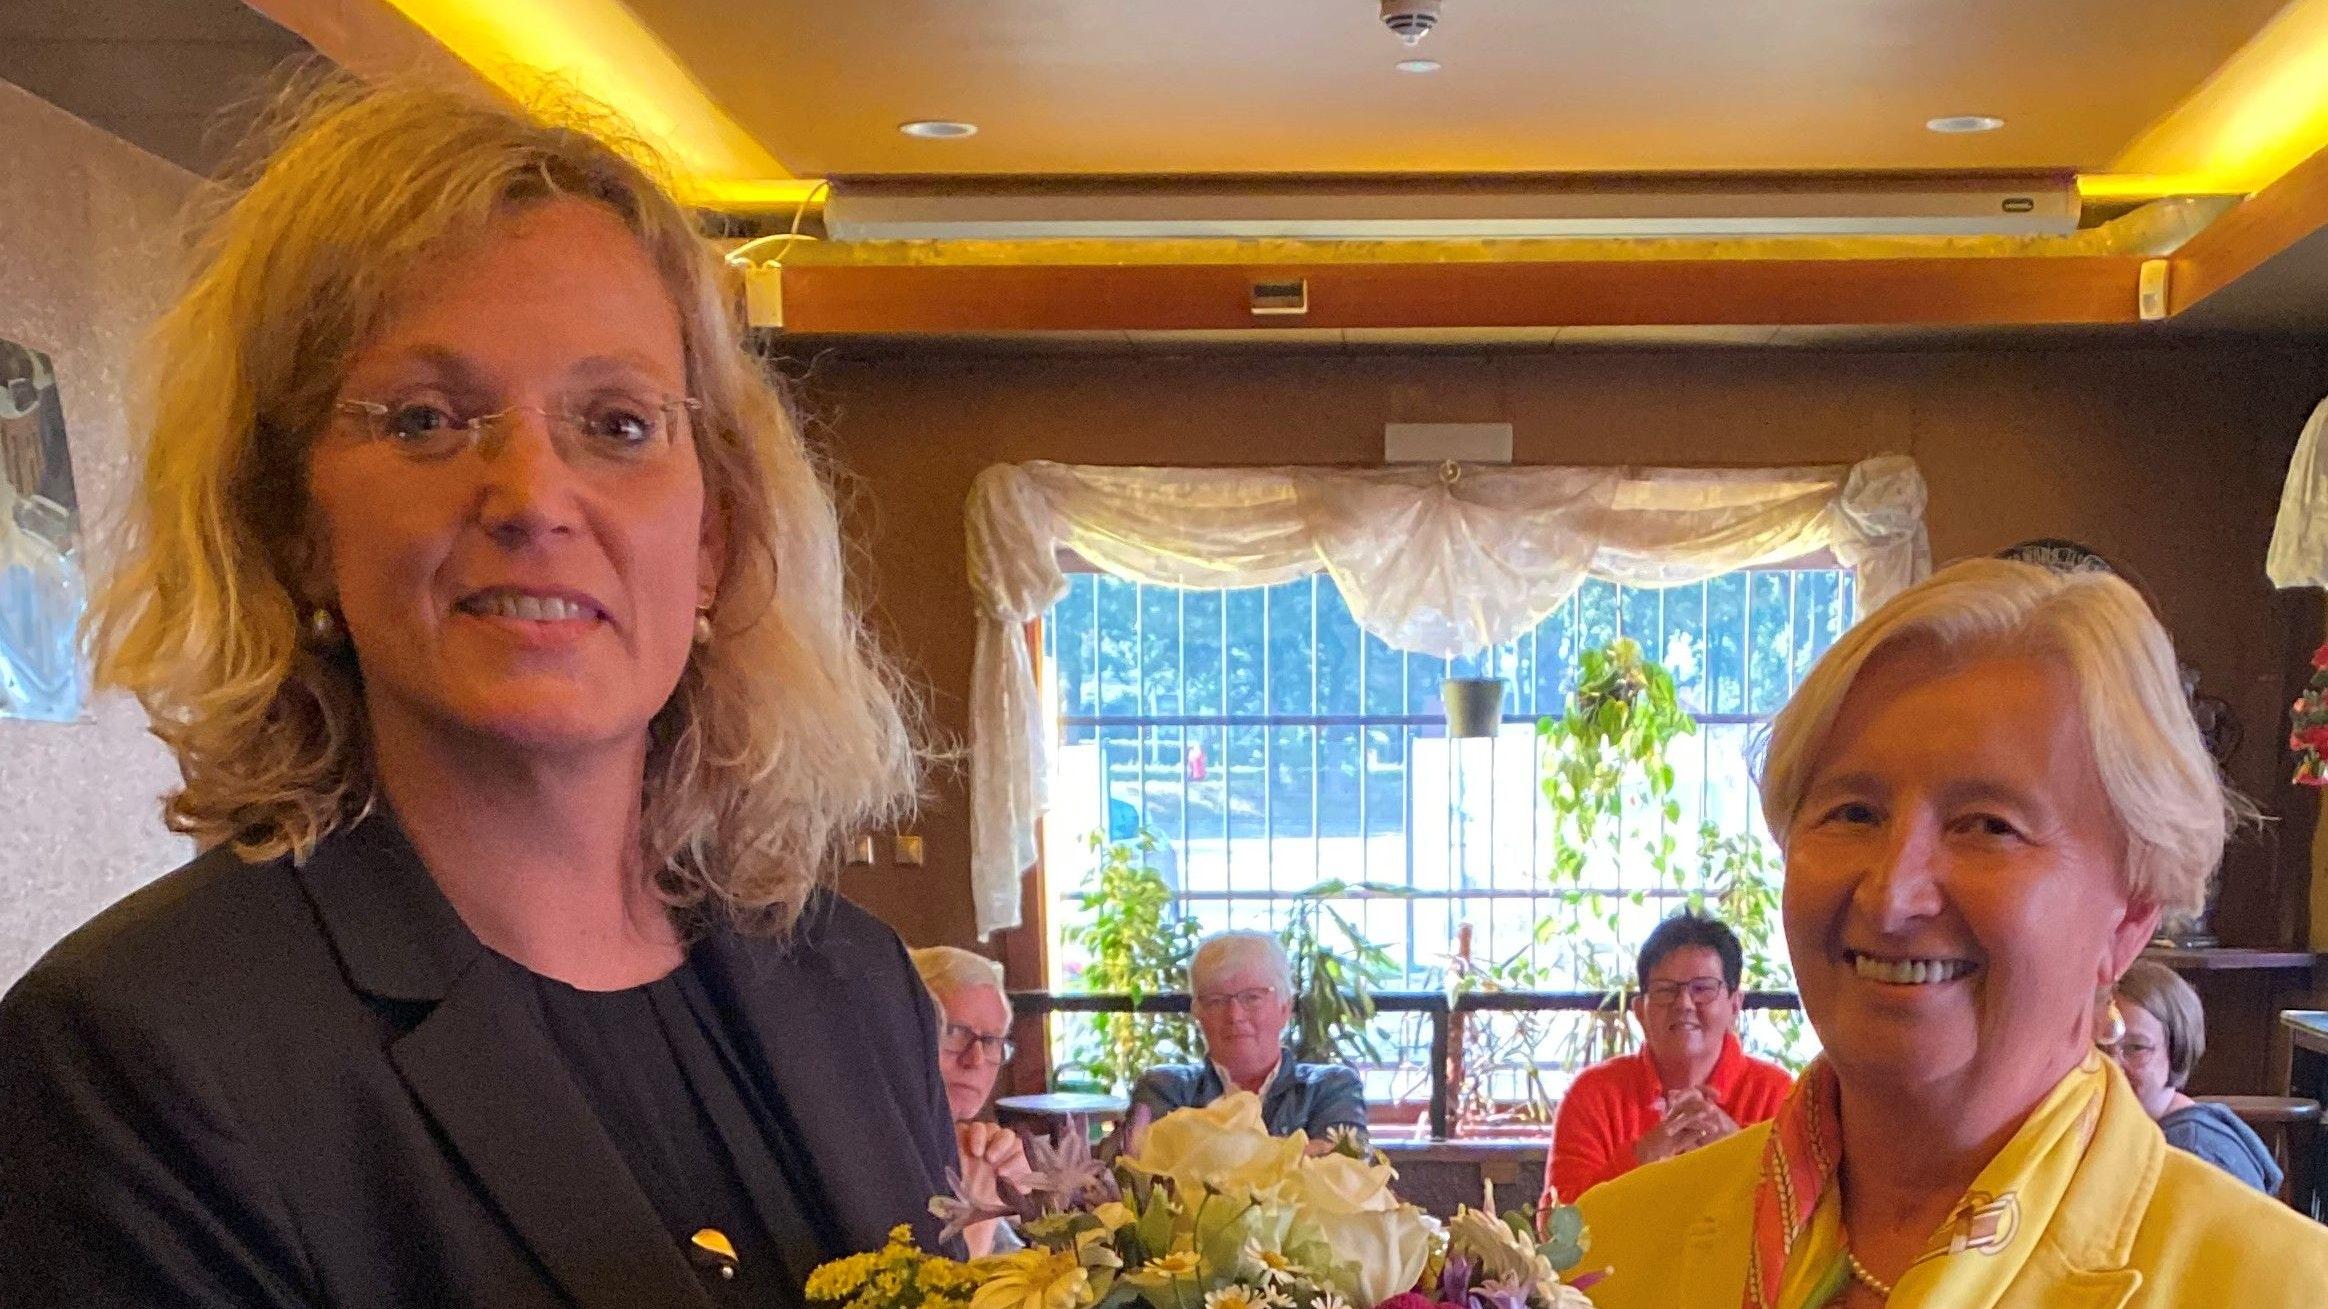 Ein vorerst letztes Treffen: Heimatbund-Geschäftsführerin Gisela Lünnemann (rechts) überreichte Dr. Julia Schulte to Bühne zum Abschied einen Blumenstrauß. Foto: Henneberg